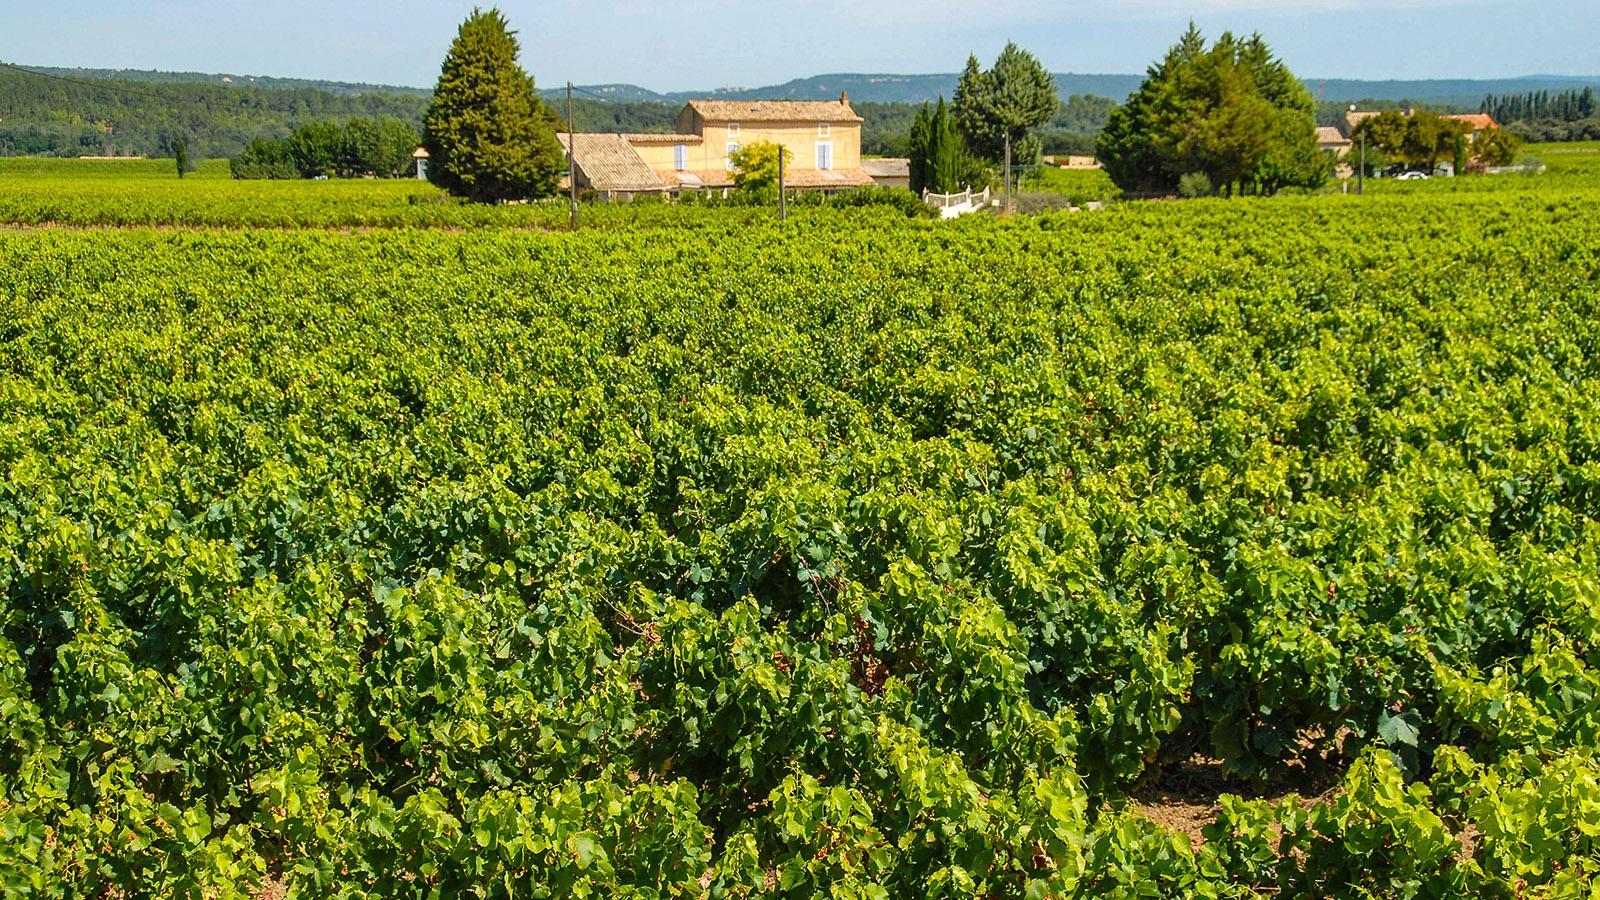 Wein wächst überall im Tricastin –auch an der Straße von Suze-la-Rousse nach Rochegude, Weinbaugebiet Tricastin (Blick gen Norden). Foto: Hilke Maunder